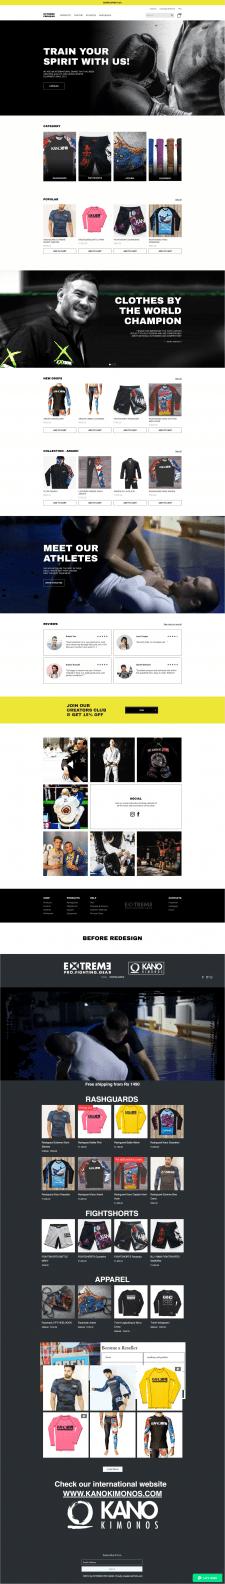 Extreme - редизайн спортивного интернет-магазина